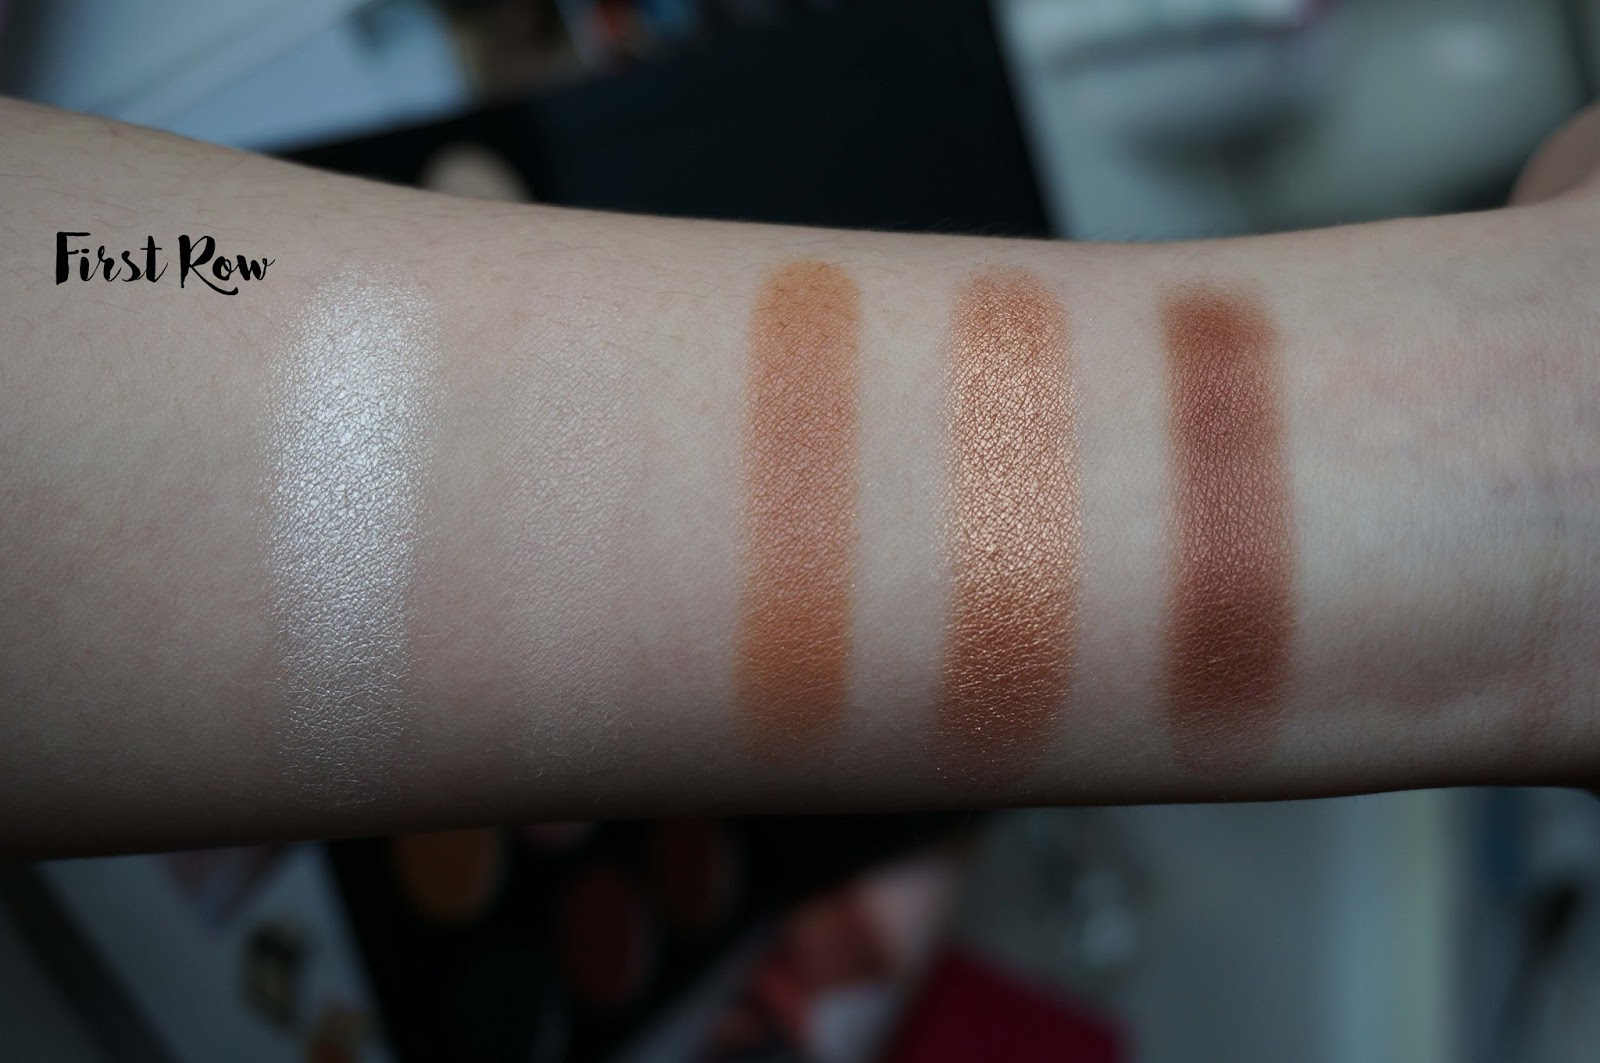 Morphe 35k eyeshadow palette review beauty in bold - Morphe 35k Eyeshadow Palette Review Beauty In Bold